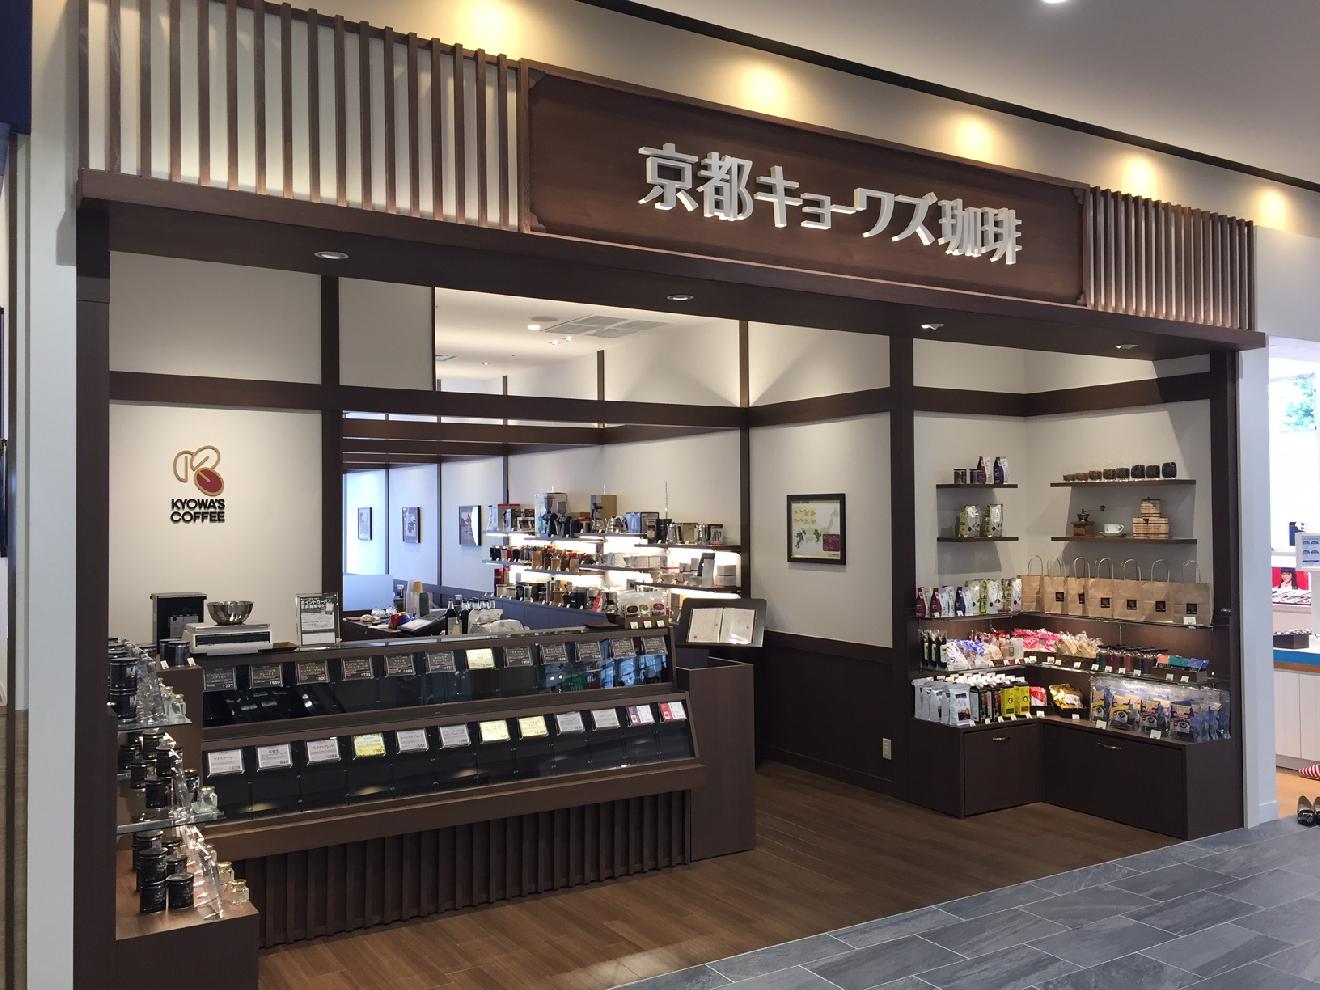 店頭にてコーヒーの試飲販売、計量豆販売を行っております。抽出器具もございます。